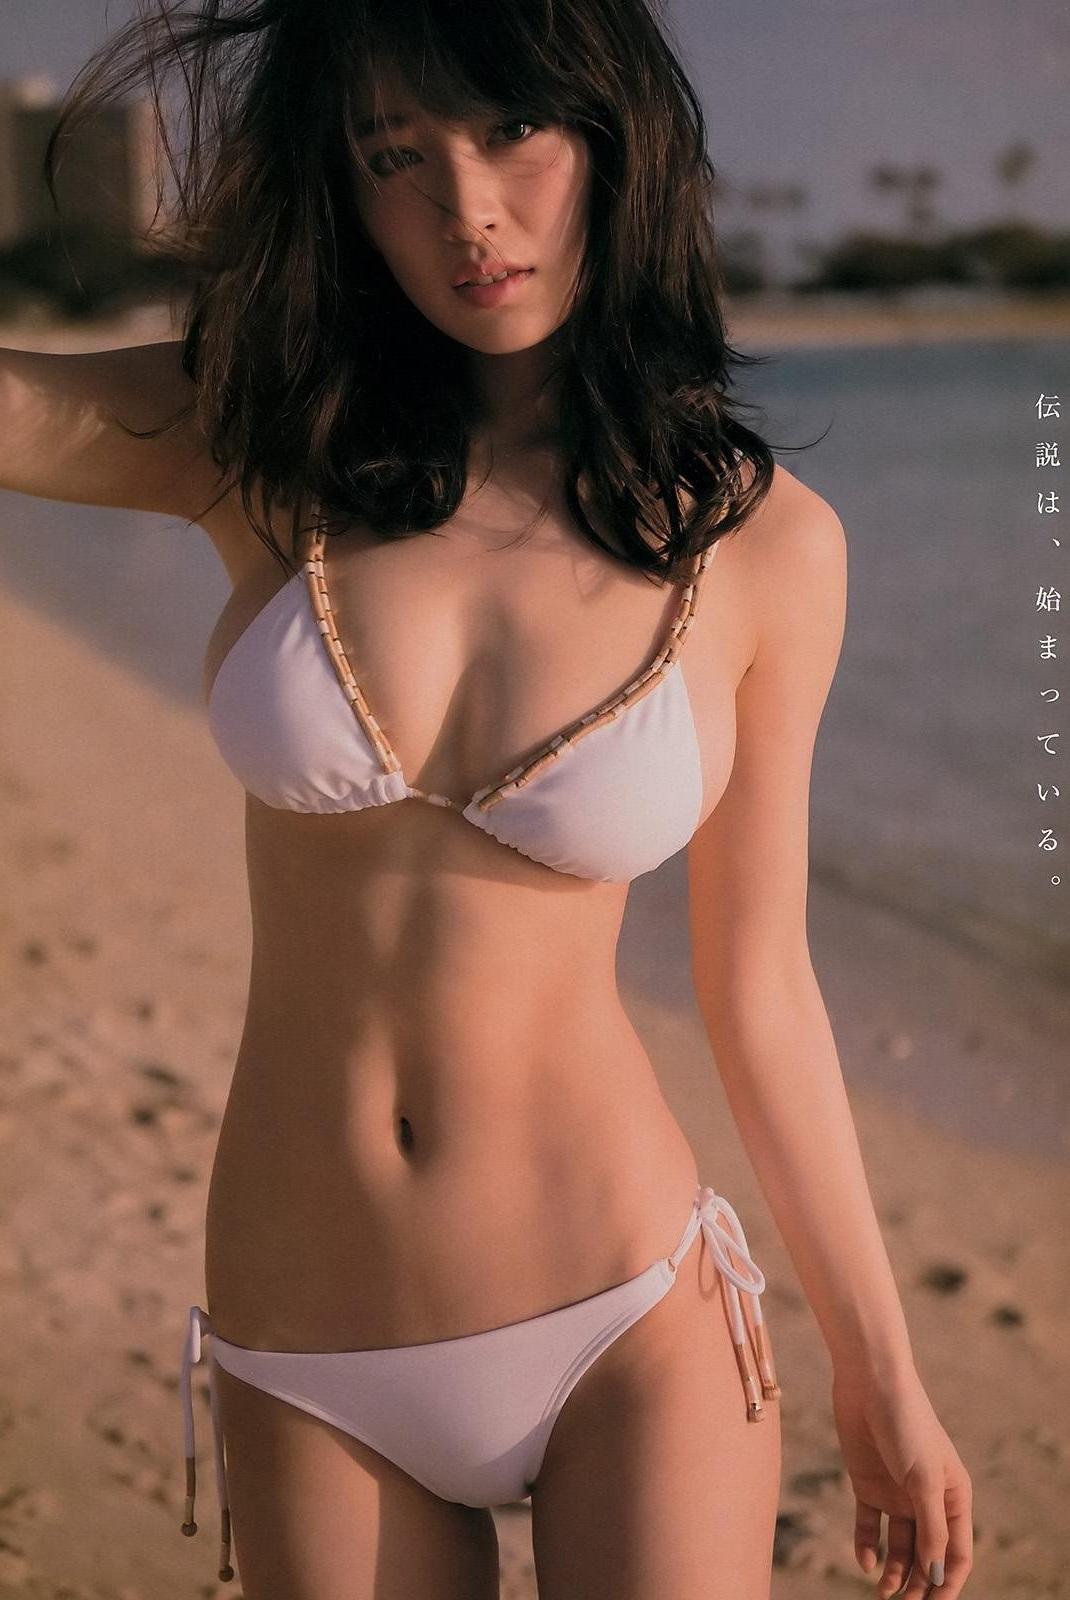 2020.4.12 泉里香さん (2) 1070-1600